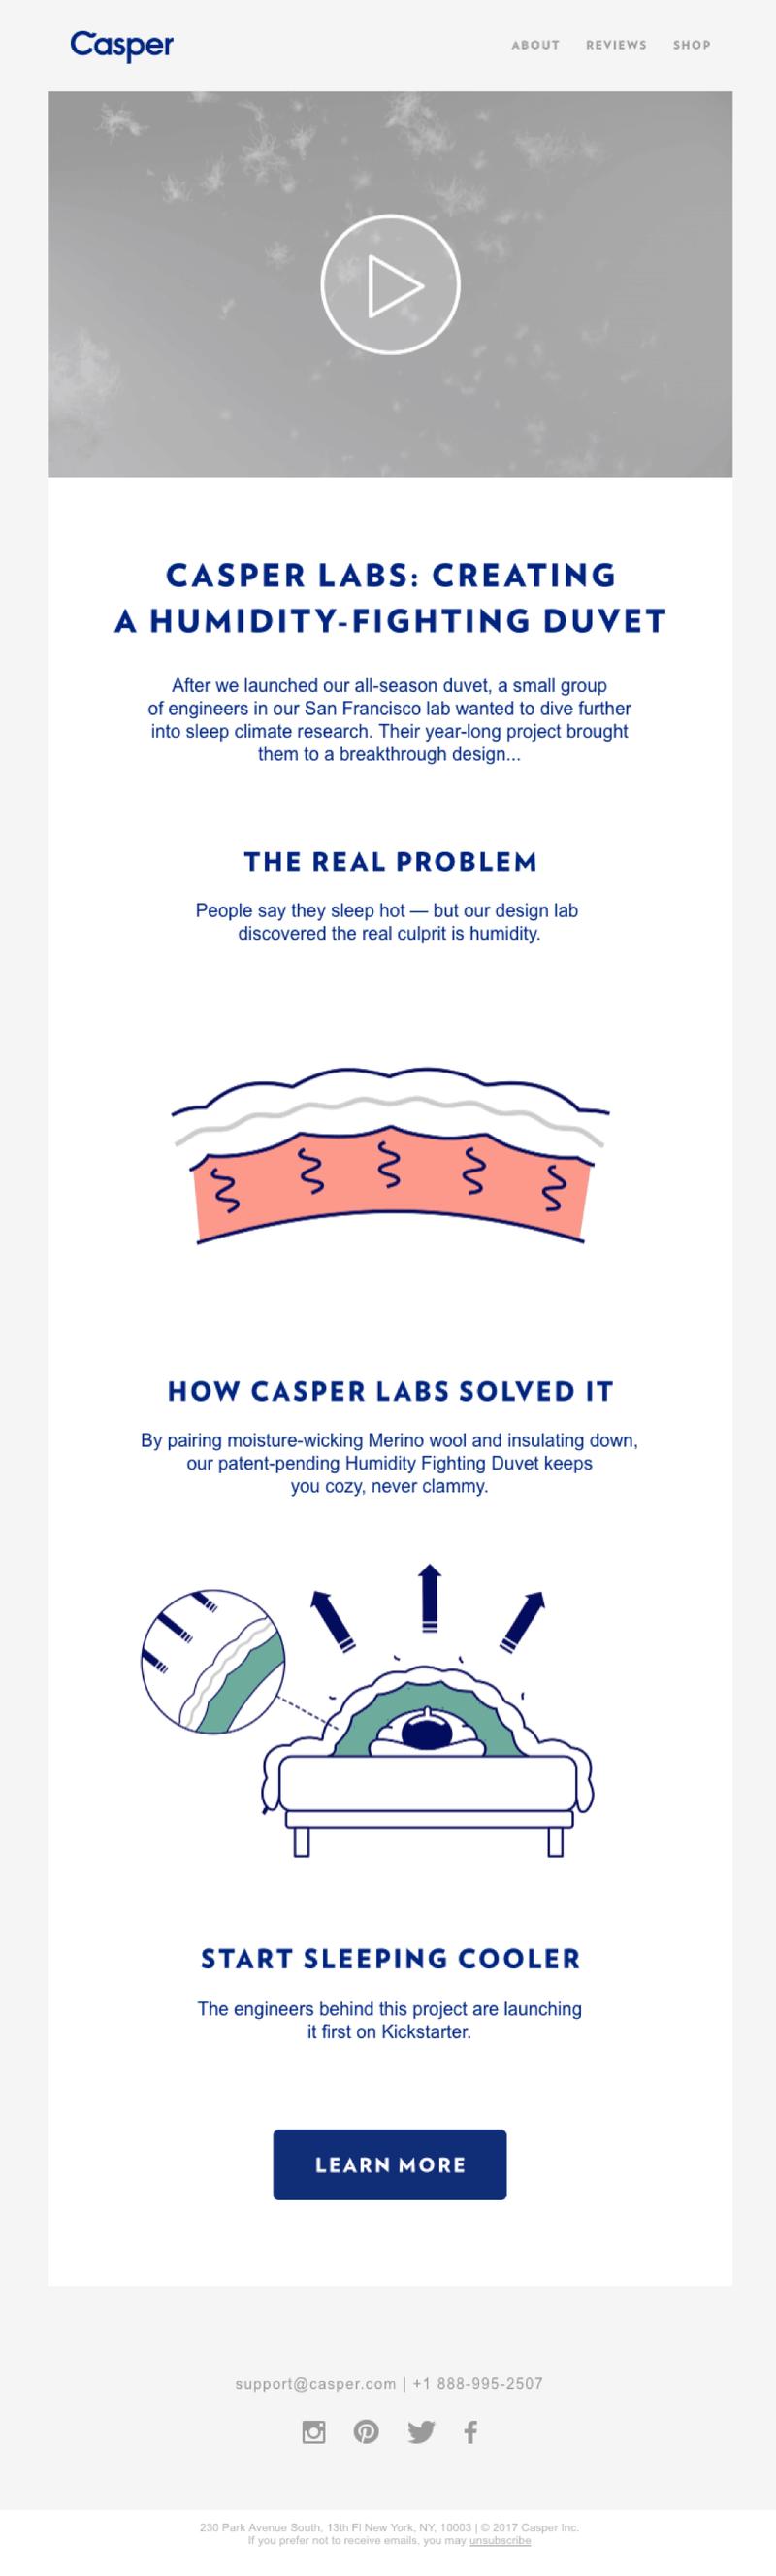 Casper Labs newsletter